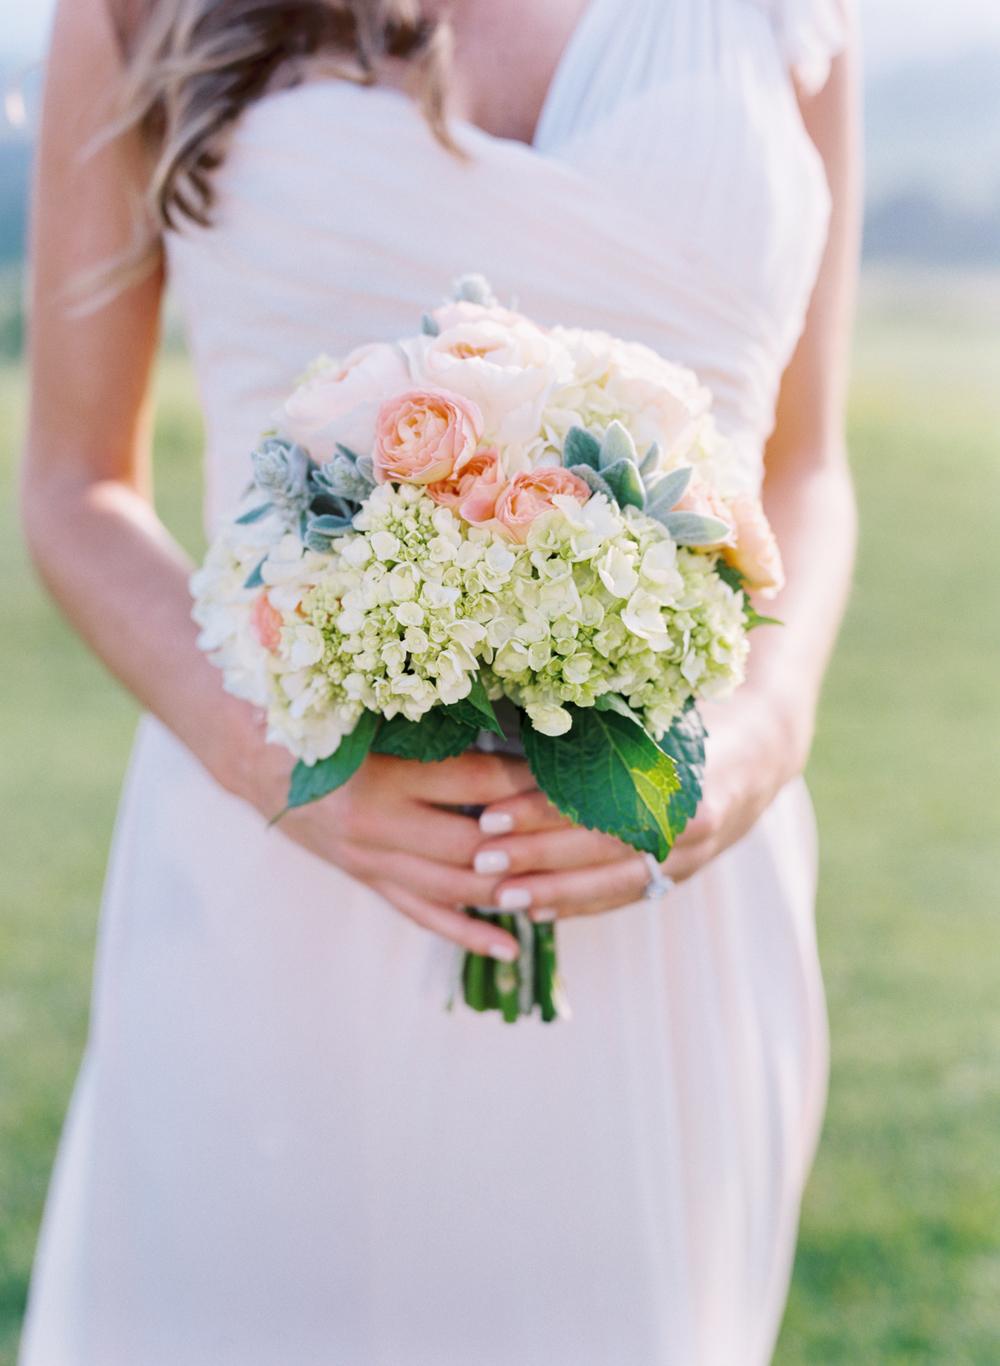 PINK-WEDDING-BOUQUET